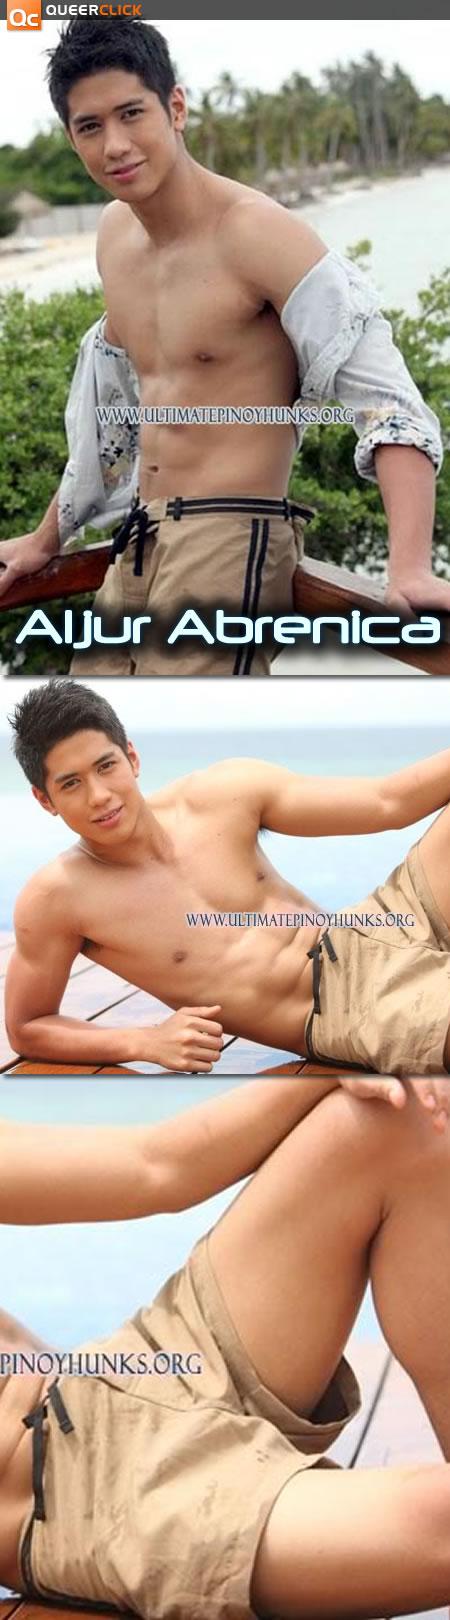 菲律賓甜心Aljur Abrenica